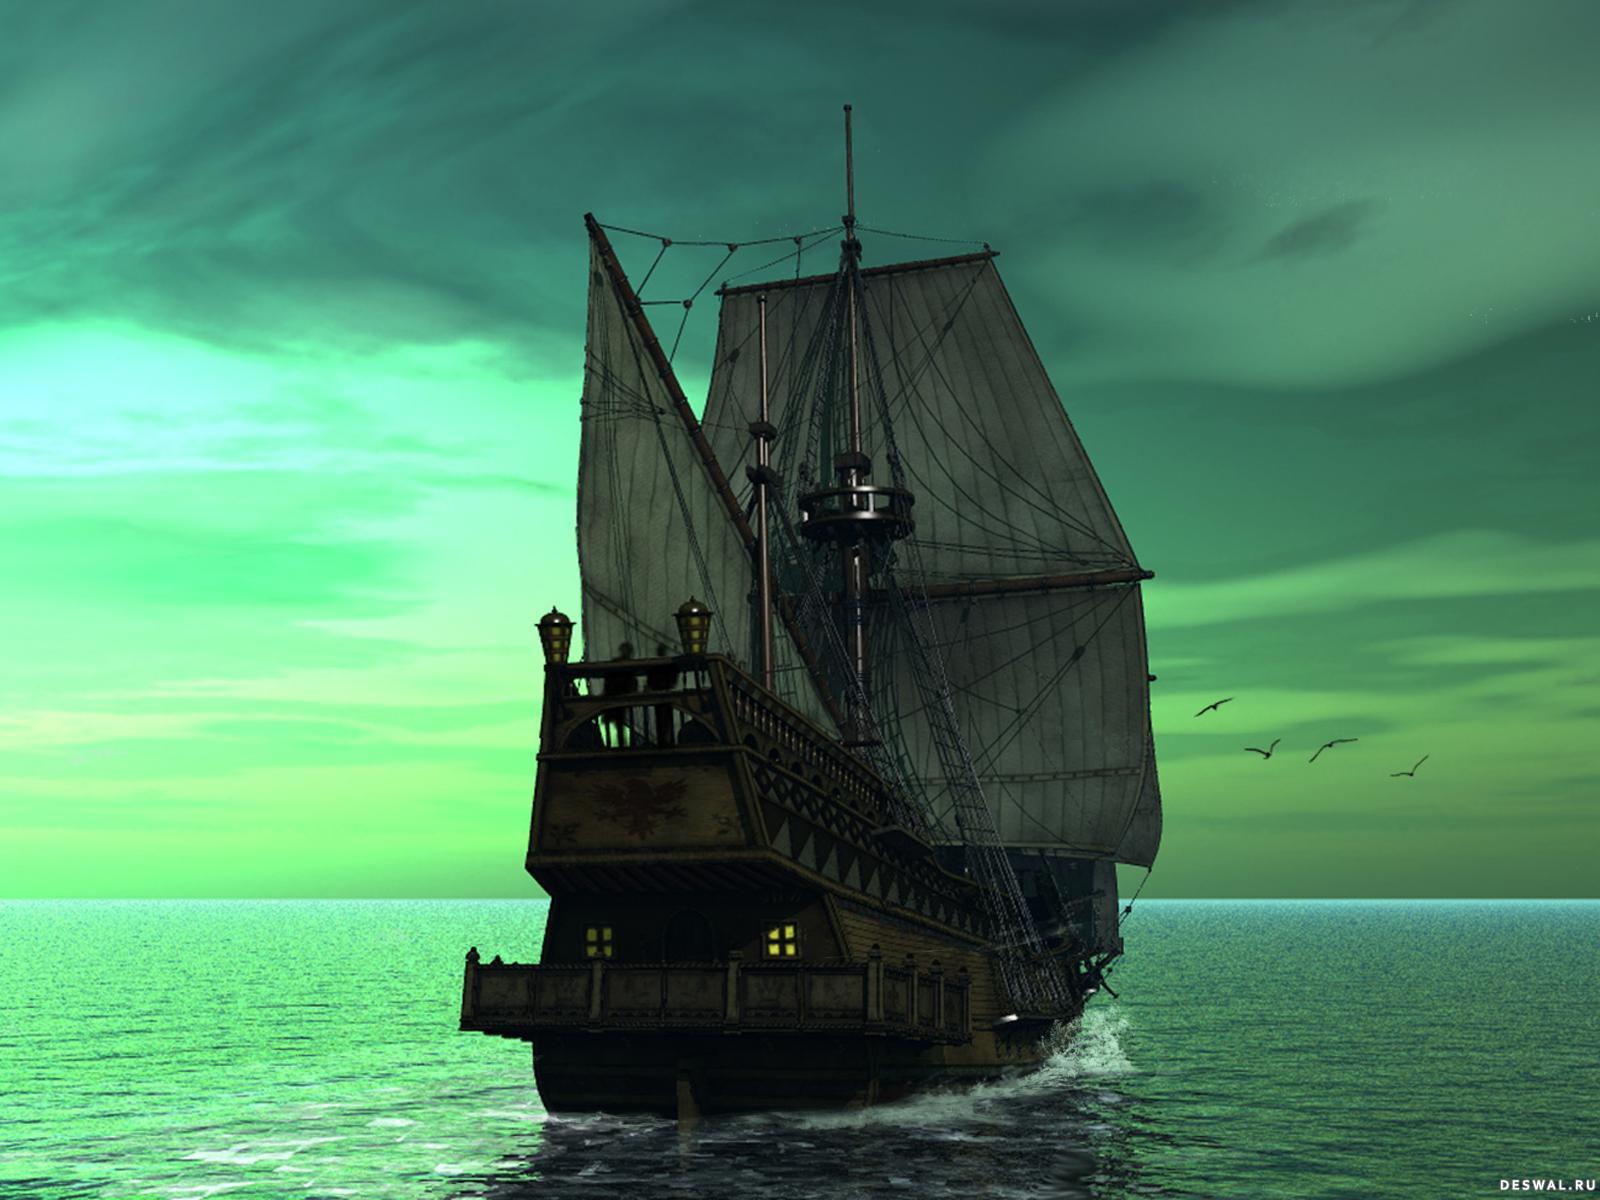 Старый парусный корабль в море